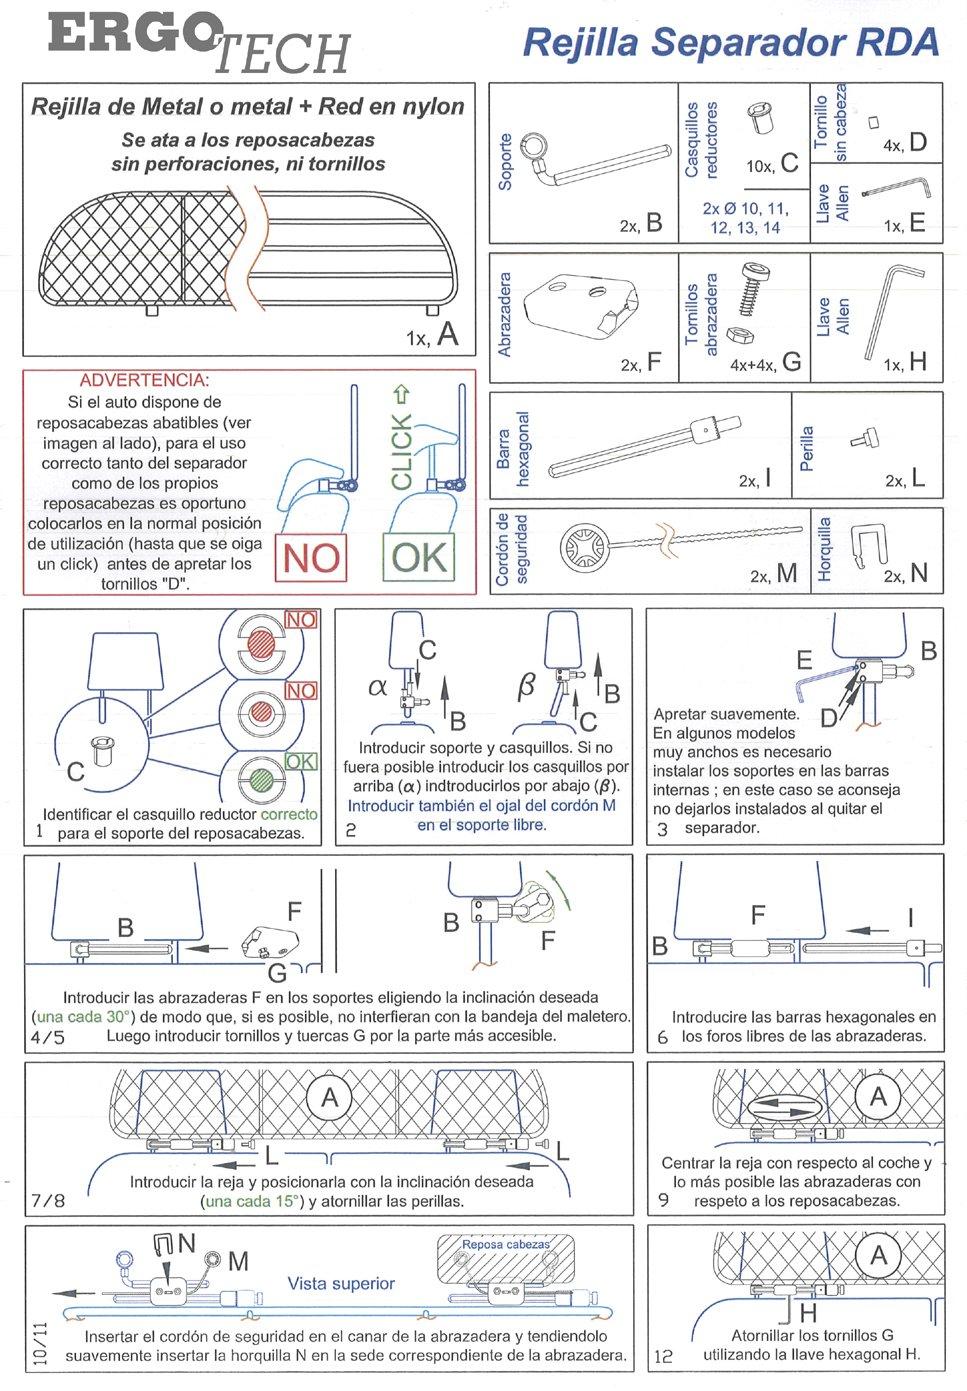 Segura garantizada! Rejilla Separador protecci/ón Ergotech RDA65-S8 kvw030es confortable para tu perro para perros y maletas